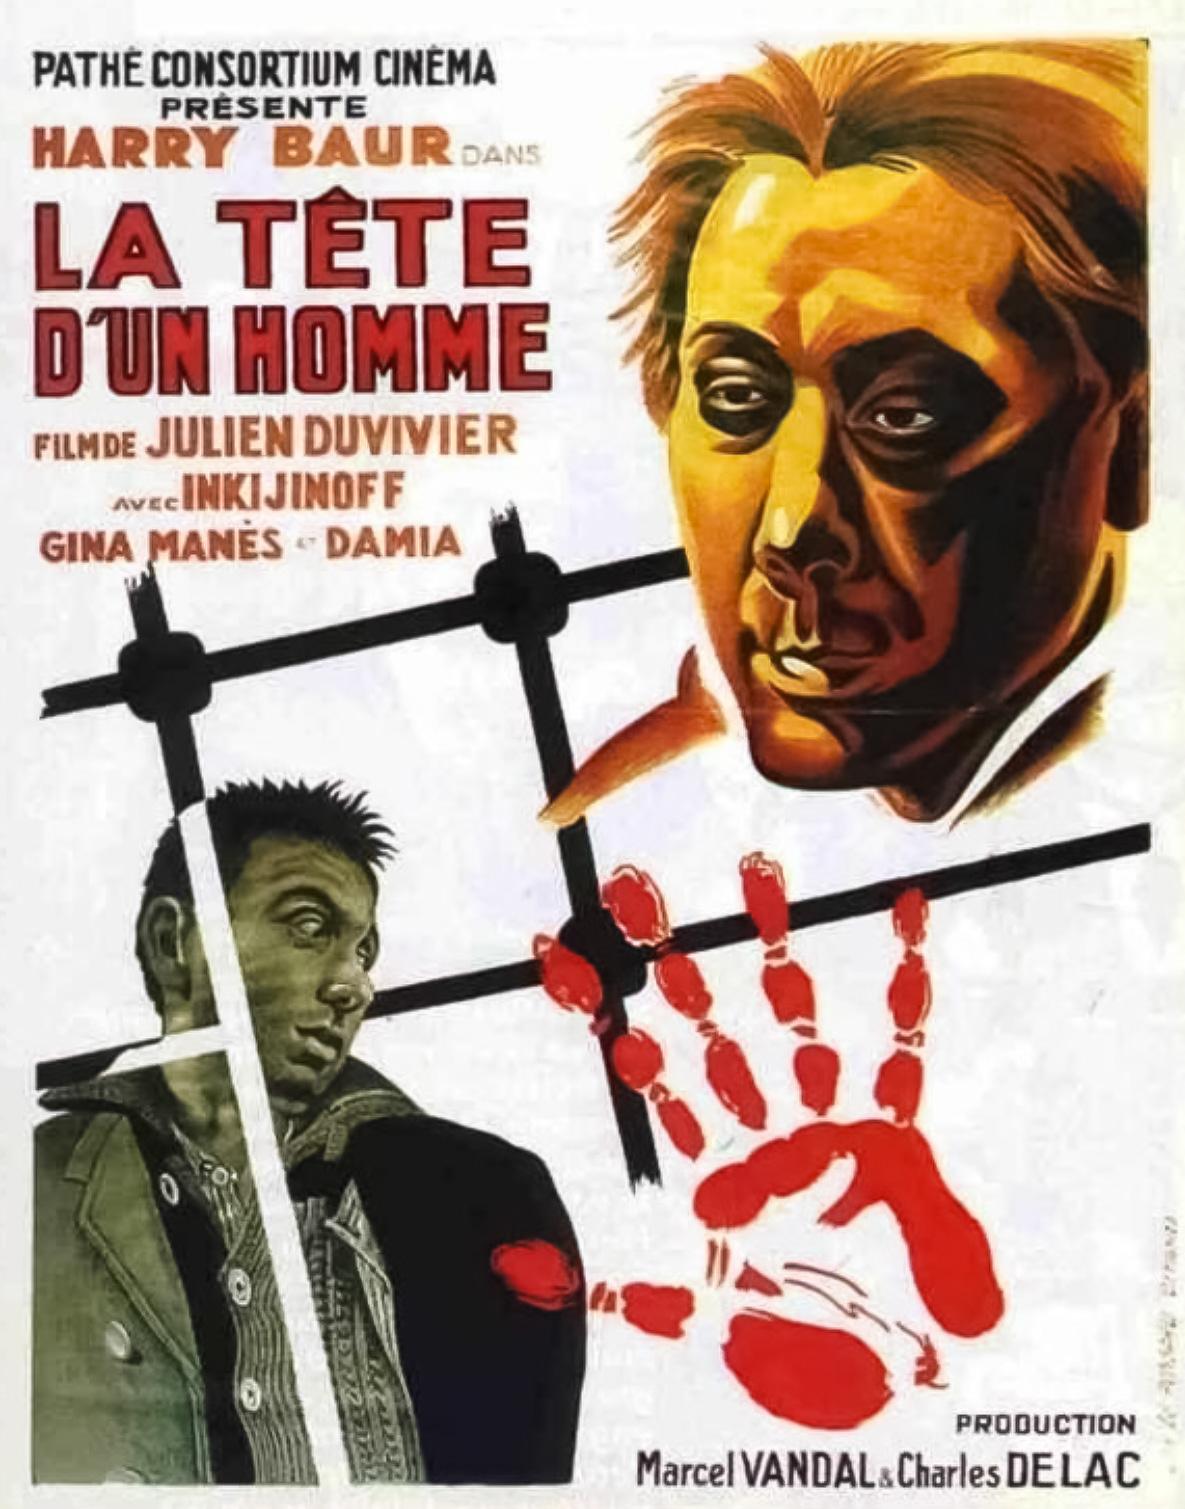 La tête d'un homme (1933)